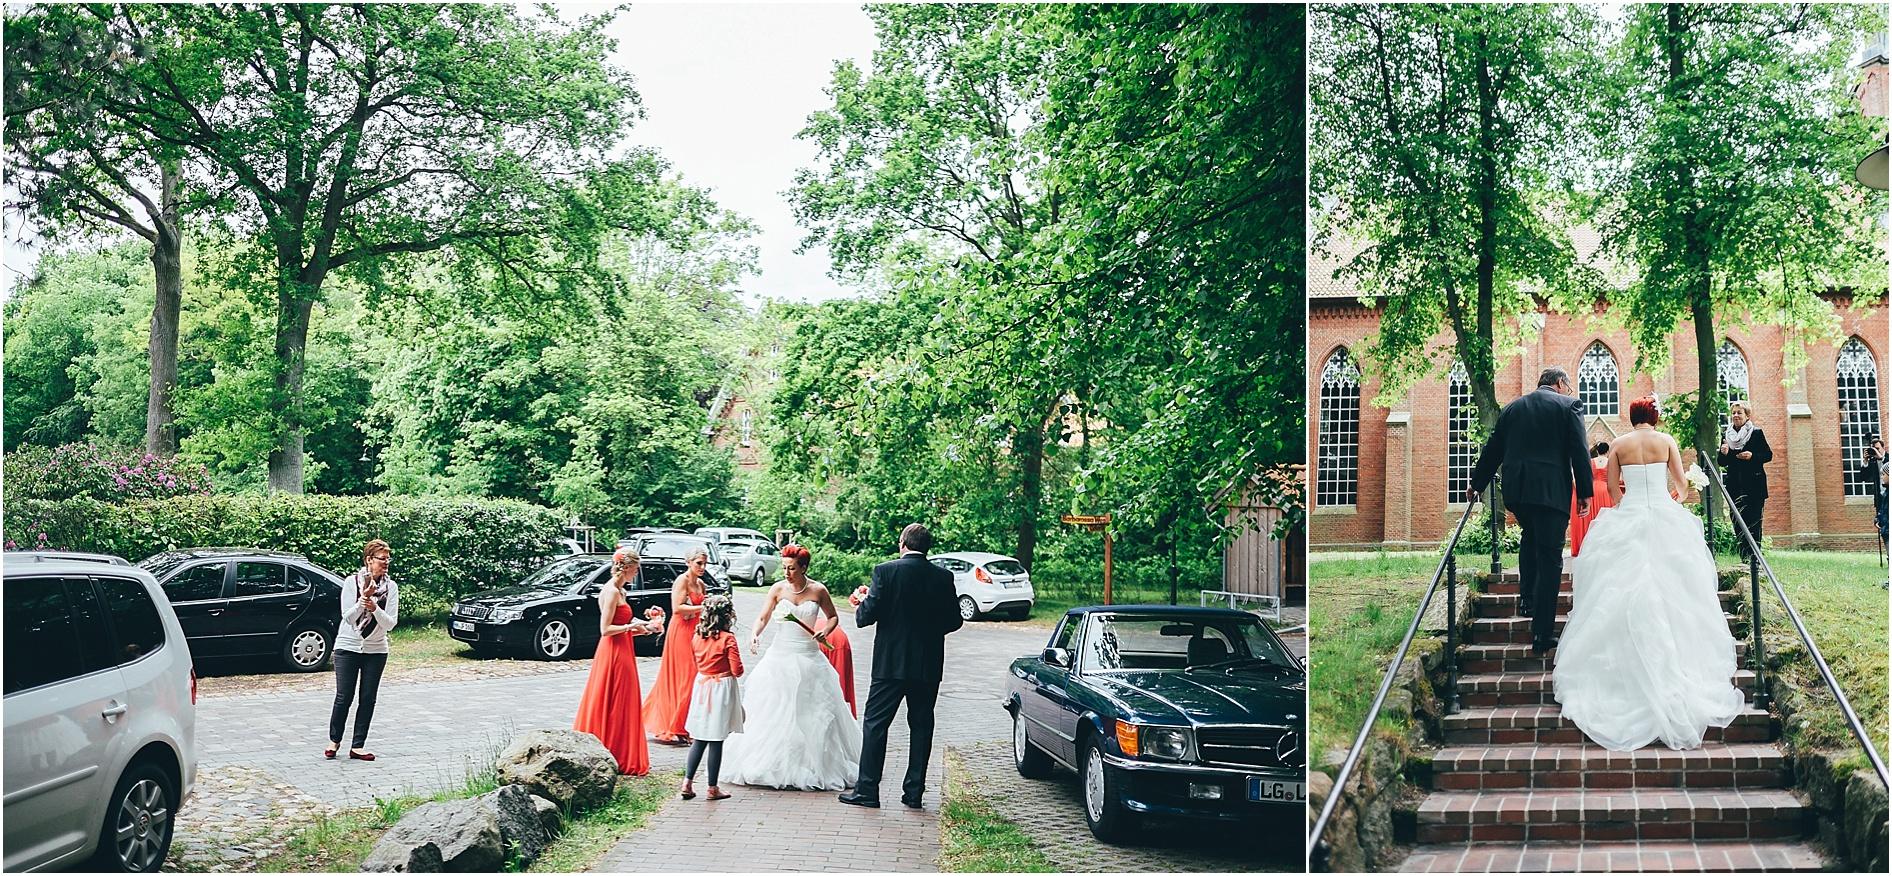 2015-10-27_0028 Tine & Chrischan - Hochzeitsfilm & Fotos in Lüneburg